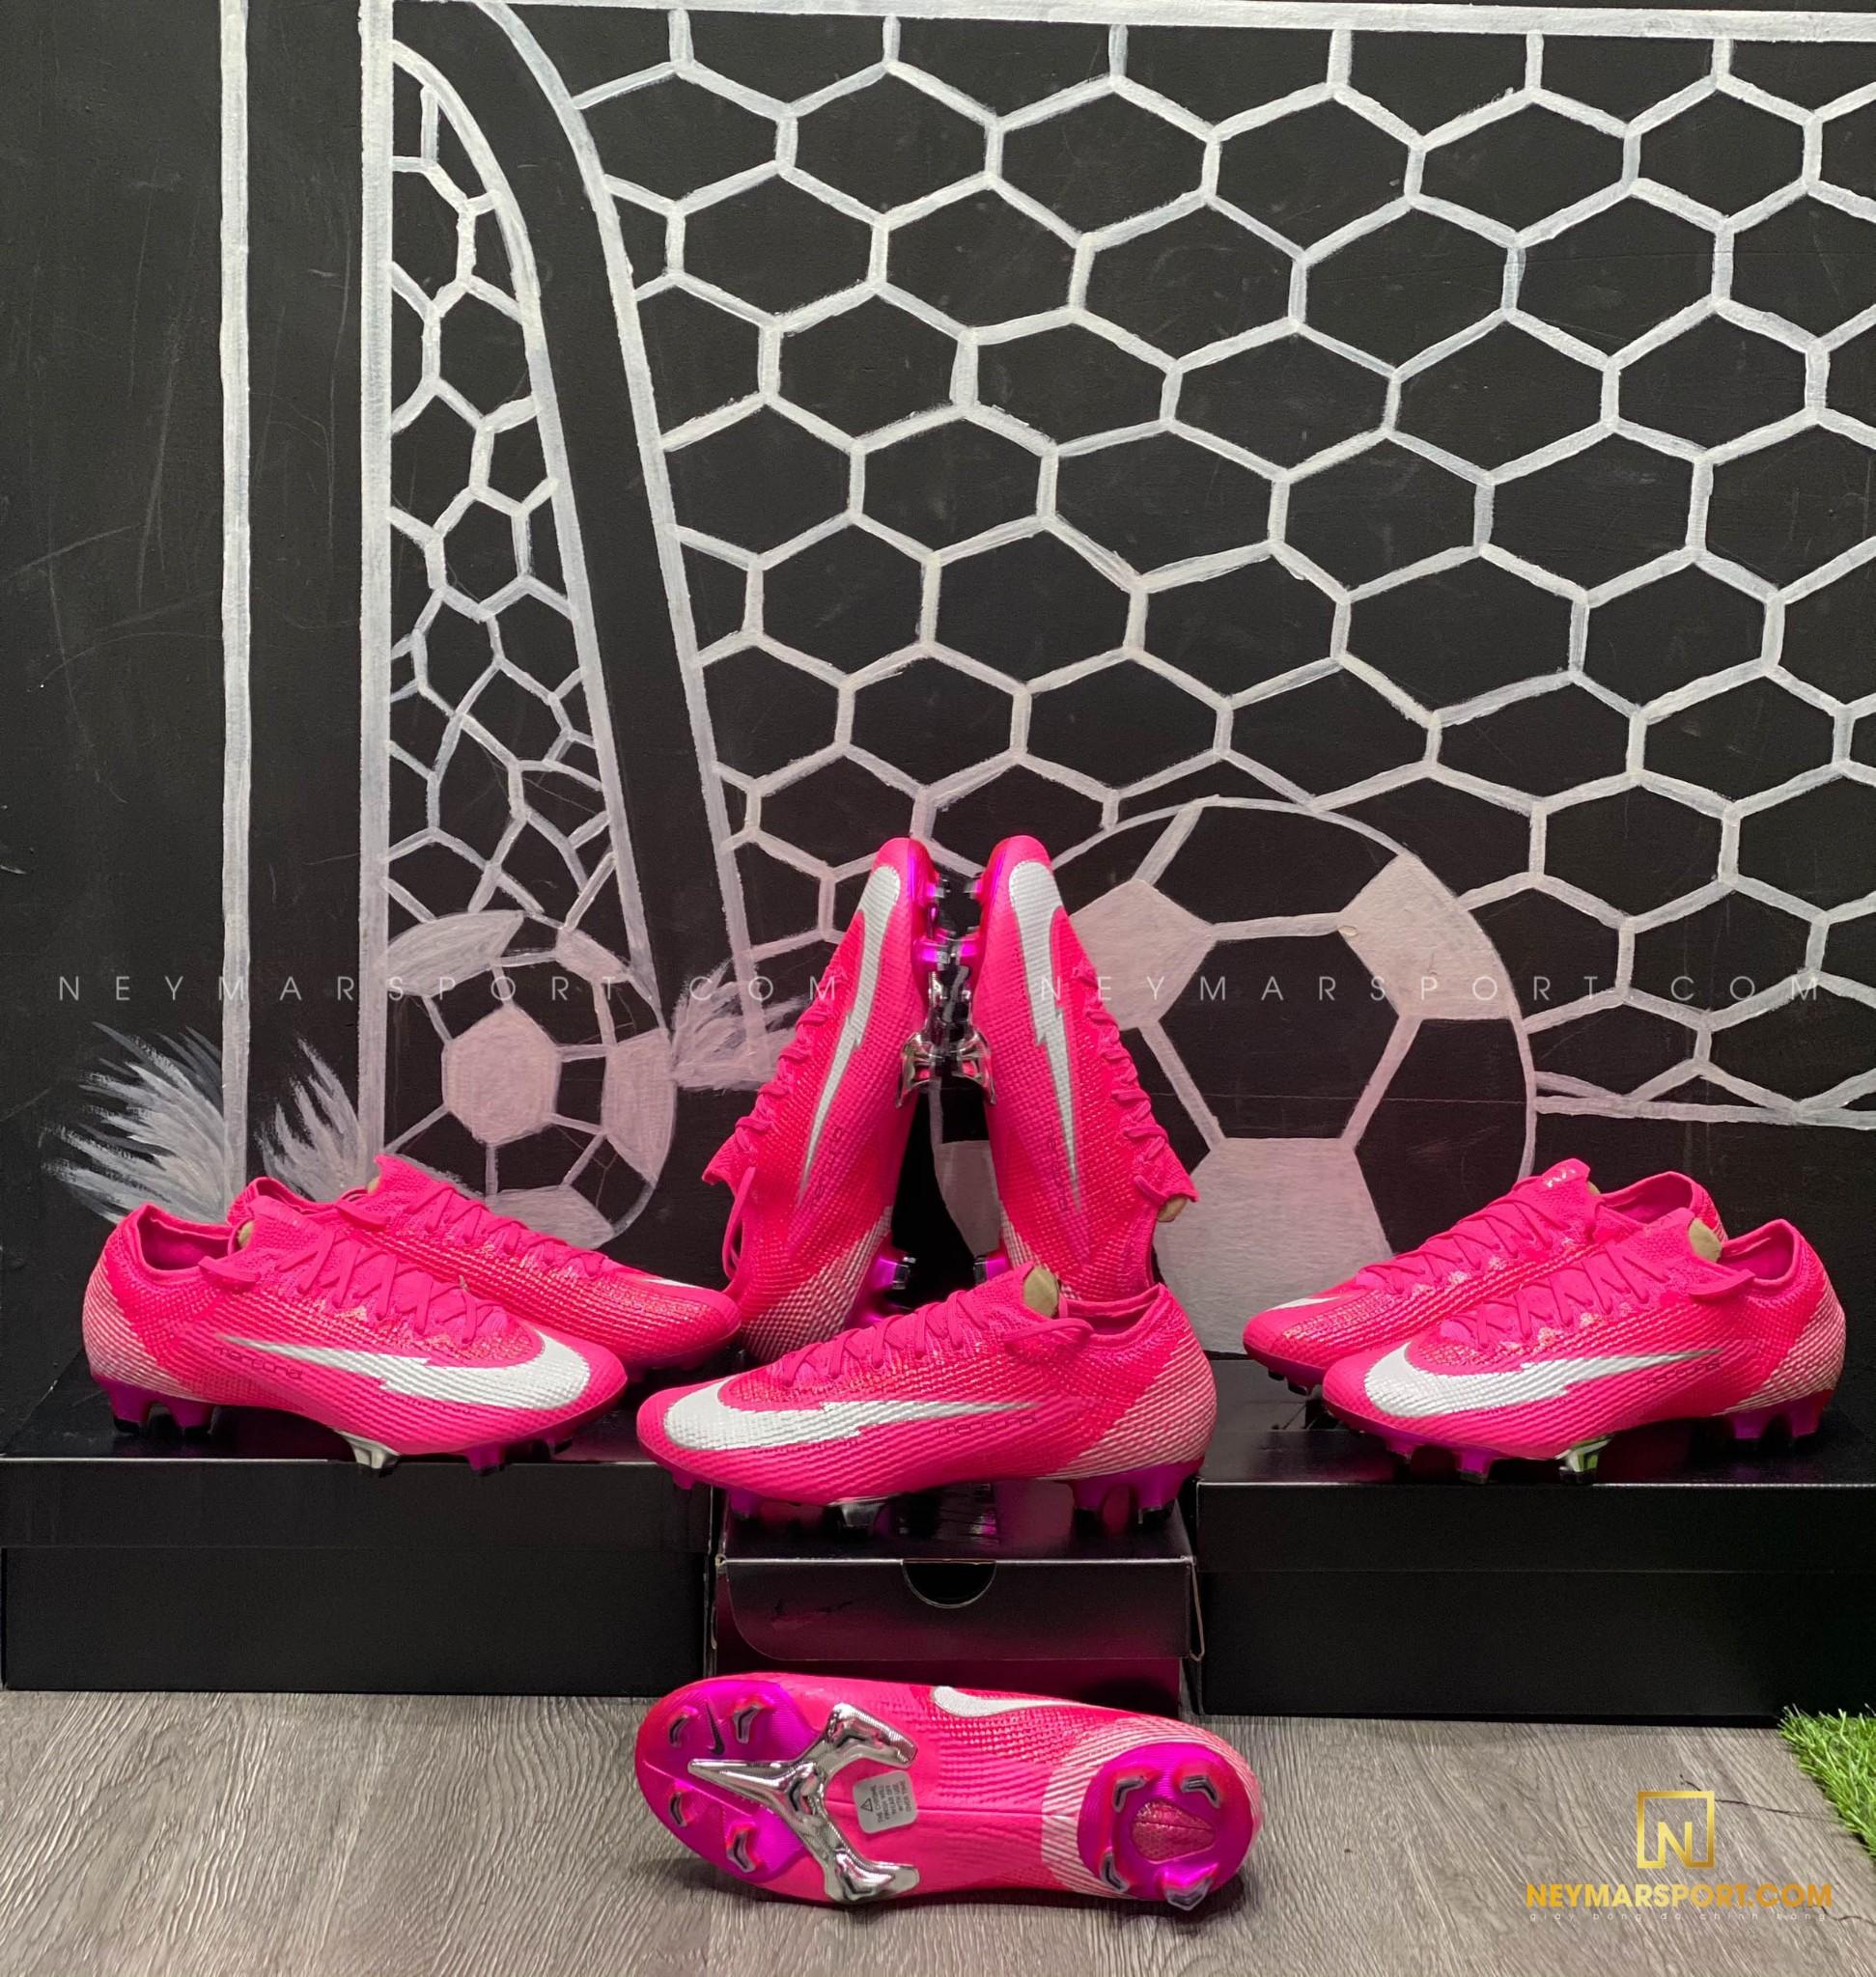 Giày đá bóng Nike Mercurial Mbappé Rosa phiên bản mới nhất với màu hồng ấn tượng